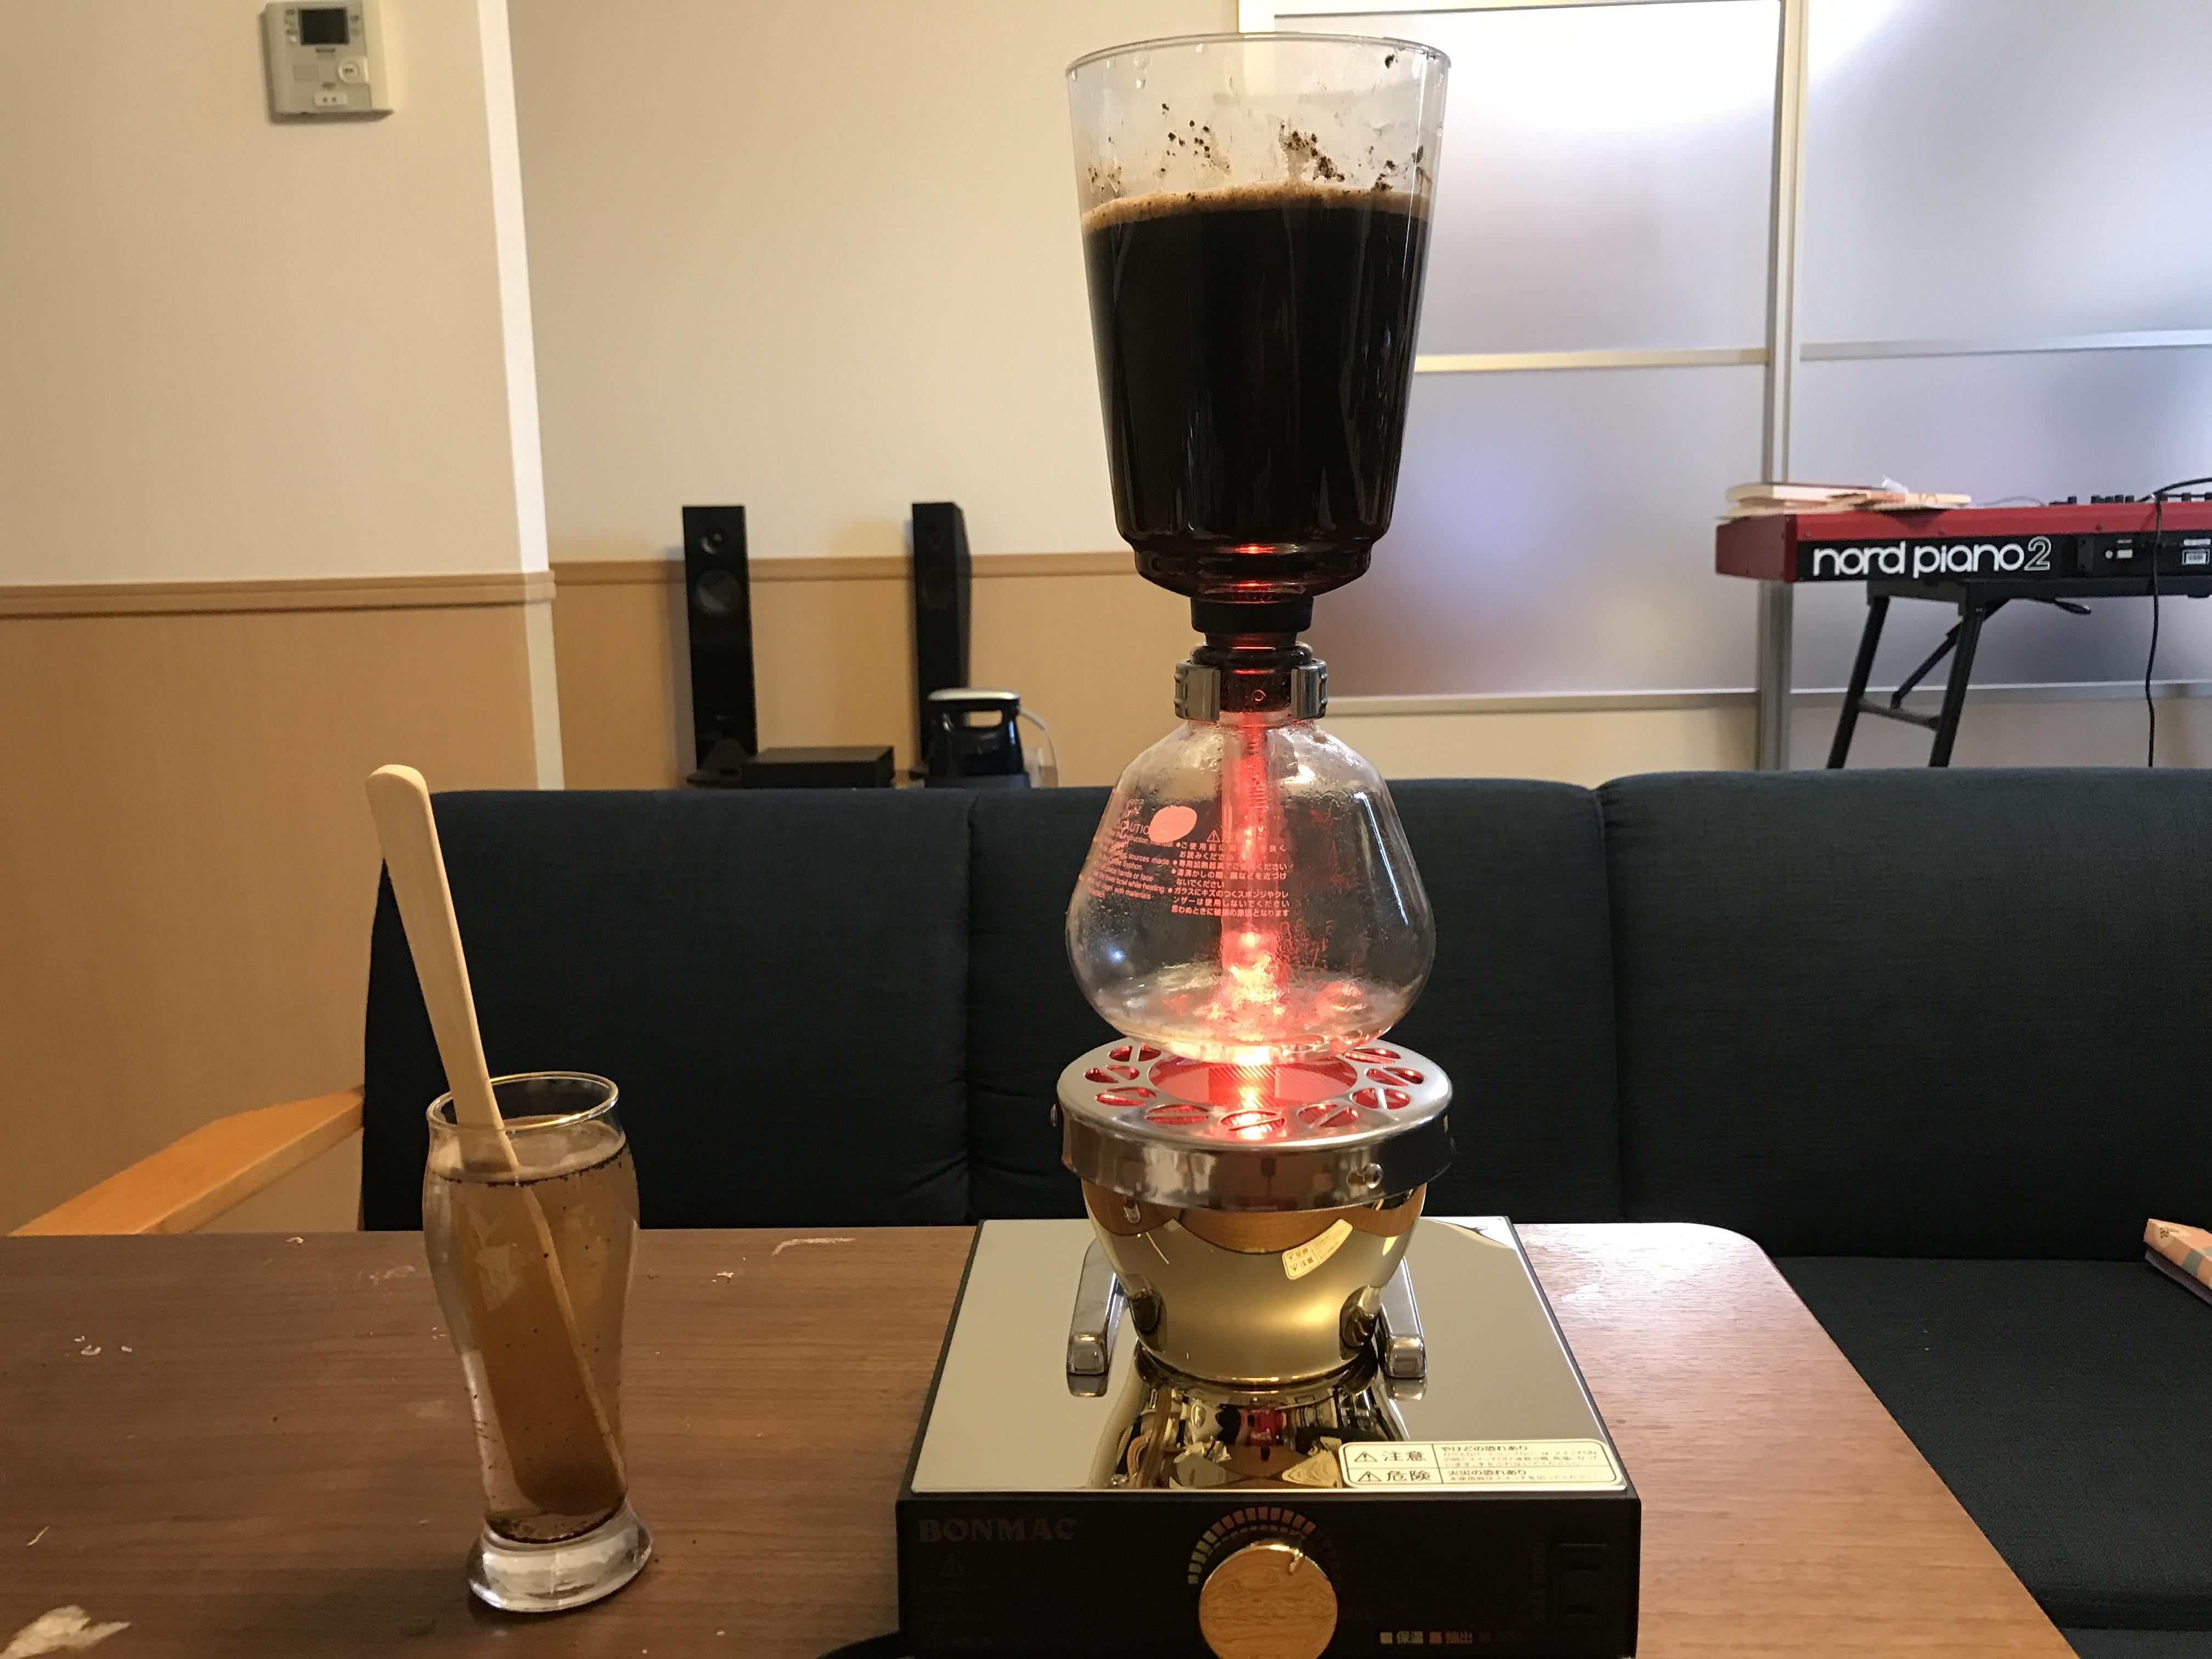 サイフォンコーヒー用ビームヒーター(ハロゲンランプ)BMBH-350Nを買ってみた!オール電化でサイフォンコーヒーが楽しめる!!!